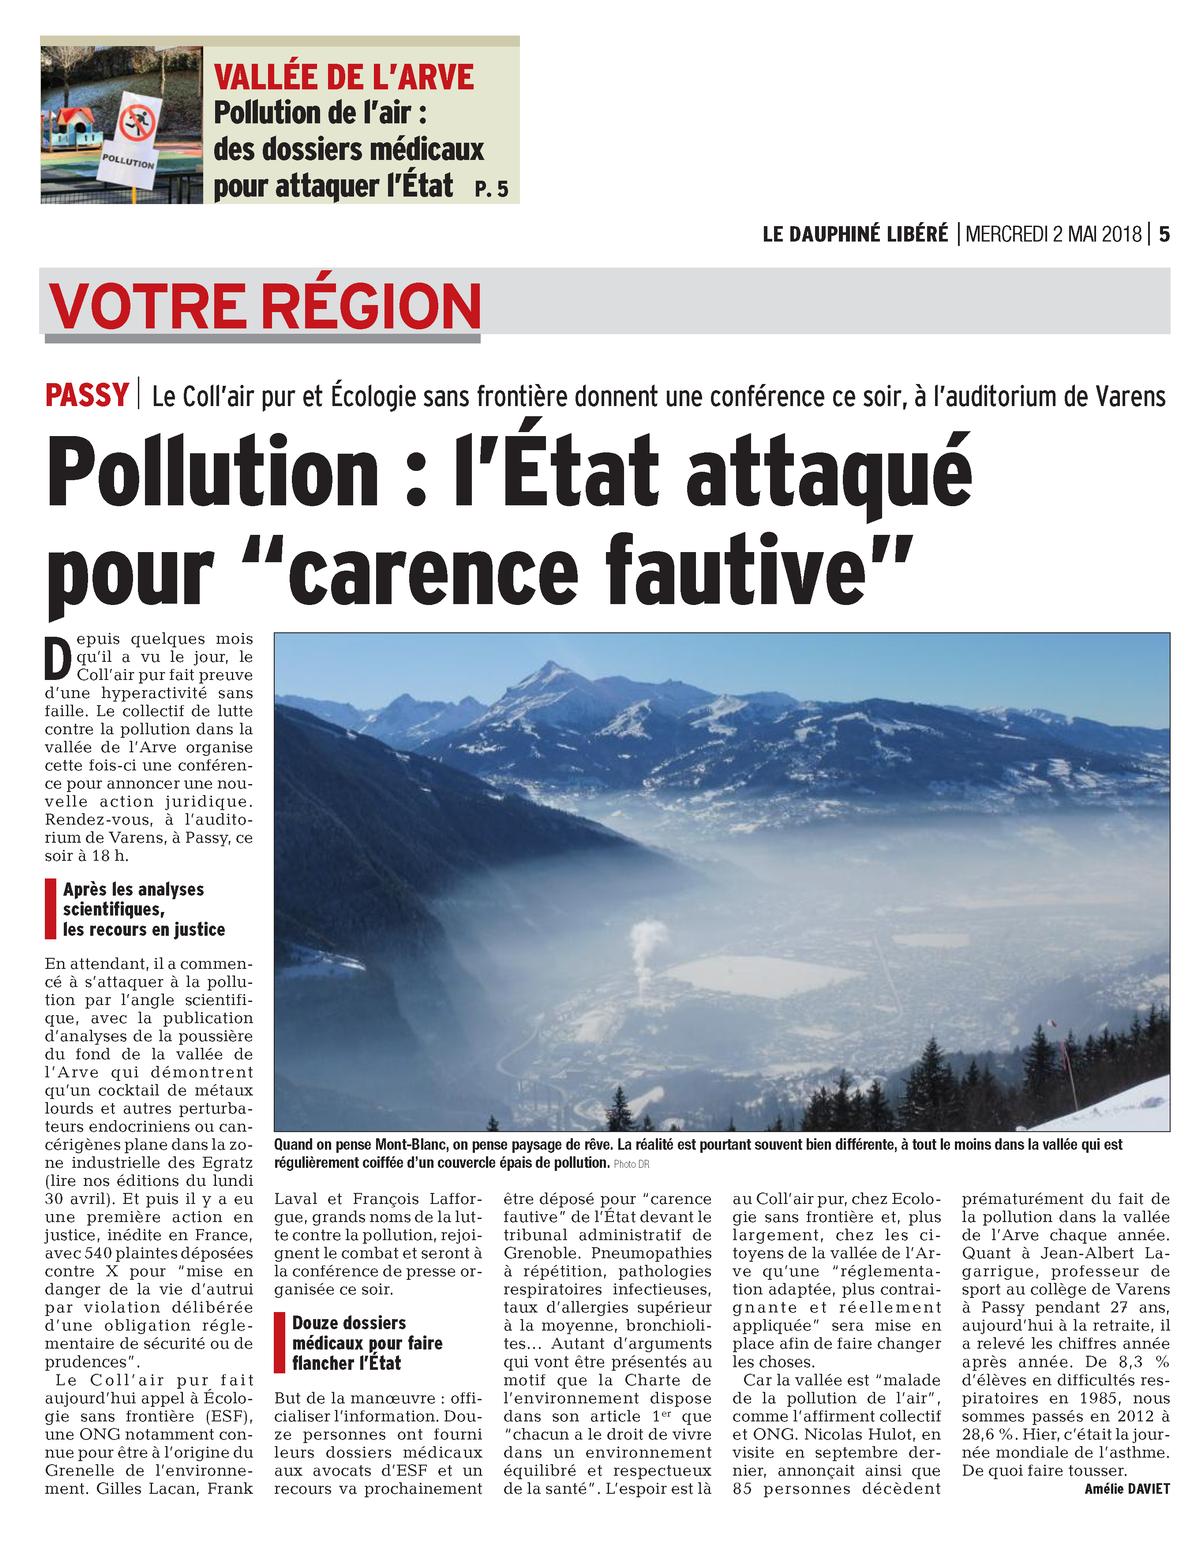 """02.05.2018 > LE DAUPHINÉ LIBÉRÉ : """"Pollution dans la Vallée de l'Arve : L'État attaqué en justice pour 'carence fautive'"""""""